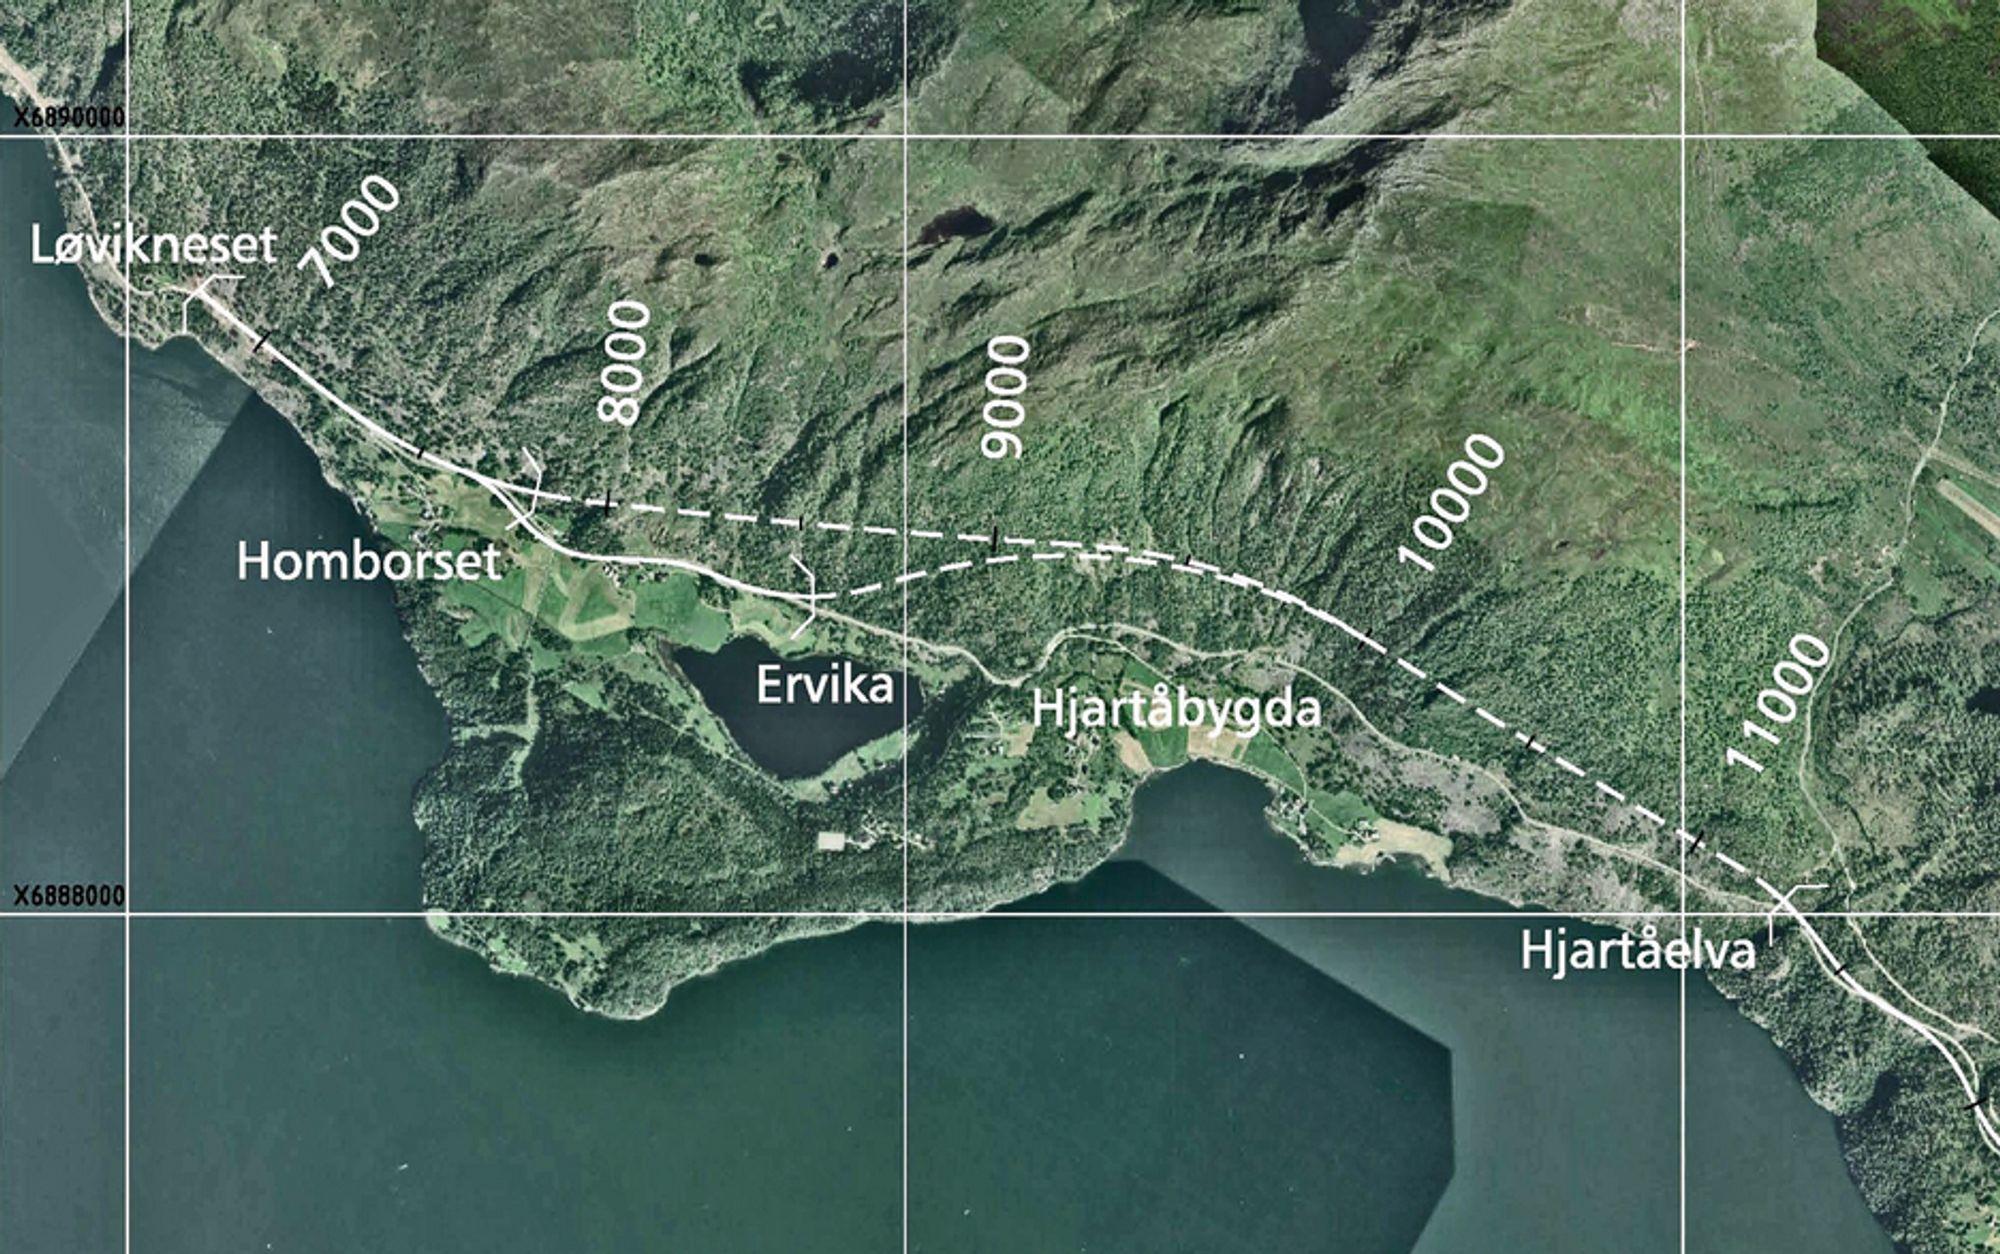 Den som får kontrakten skal blant annet sprenge forskjæringene til den 3,5 km lange Hjartåbergtunnelen. Kartet viser to aktuelle tunneltraséer. Det lengste alternativet er valgt.